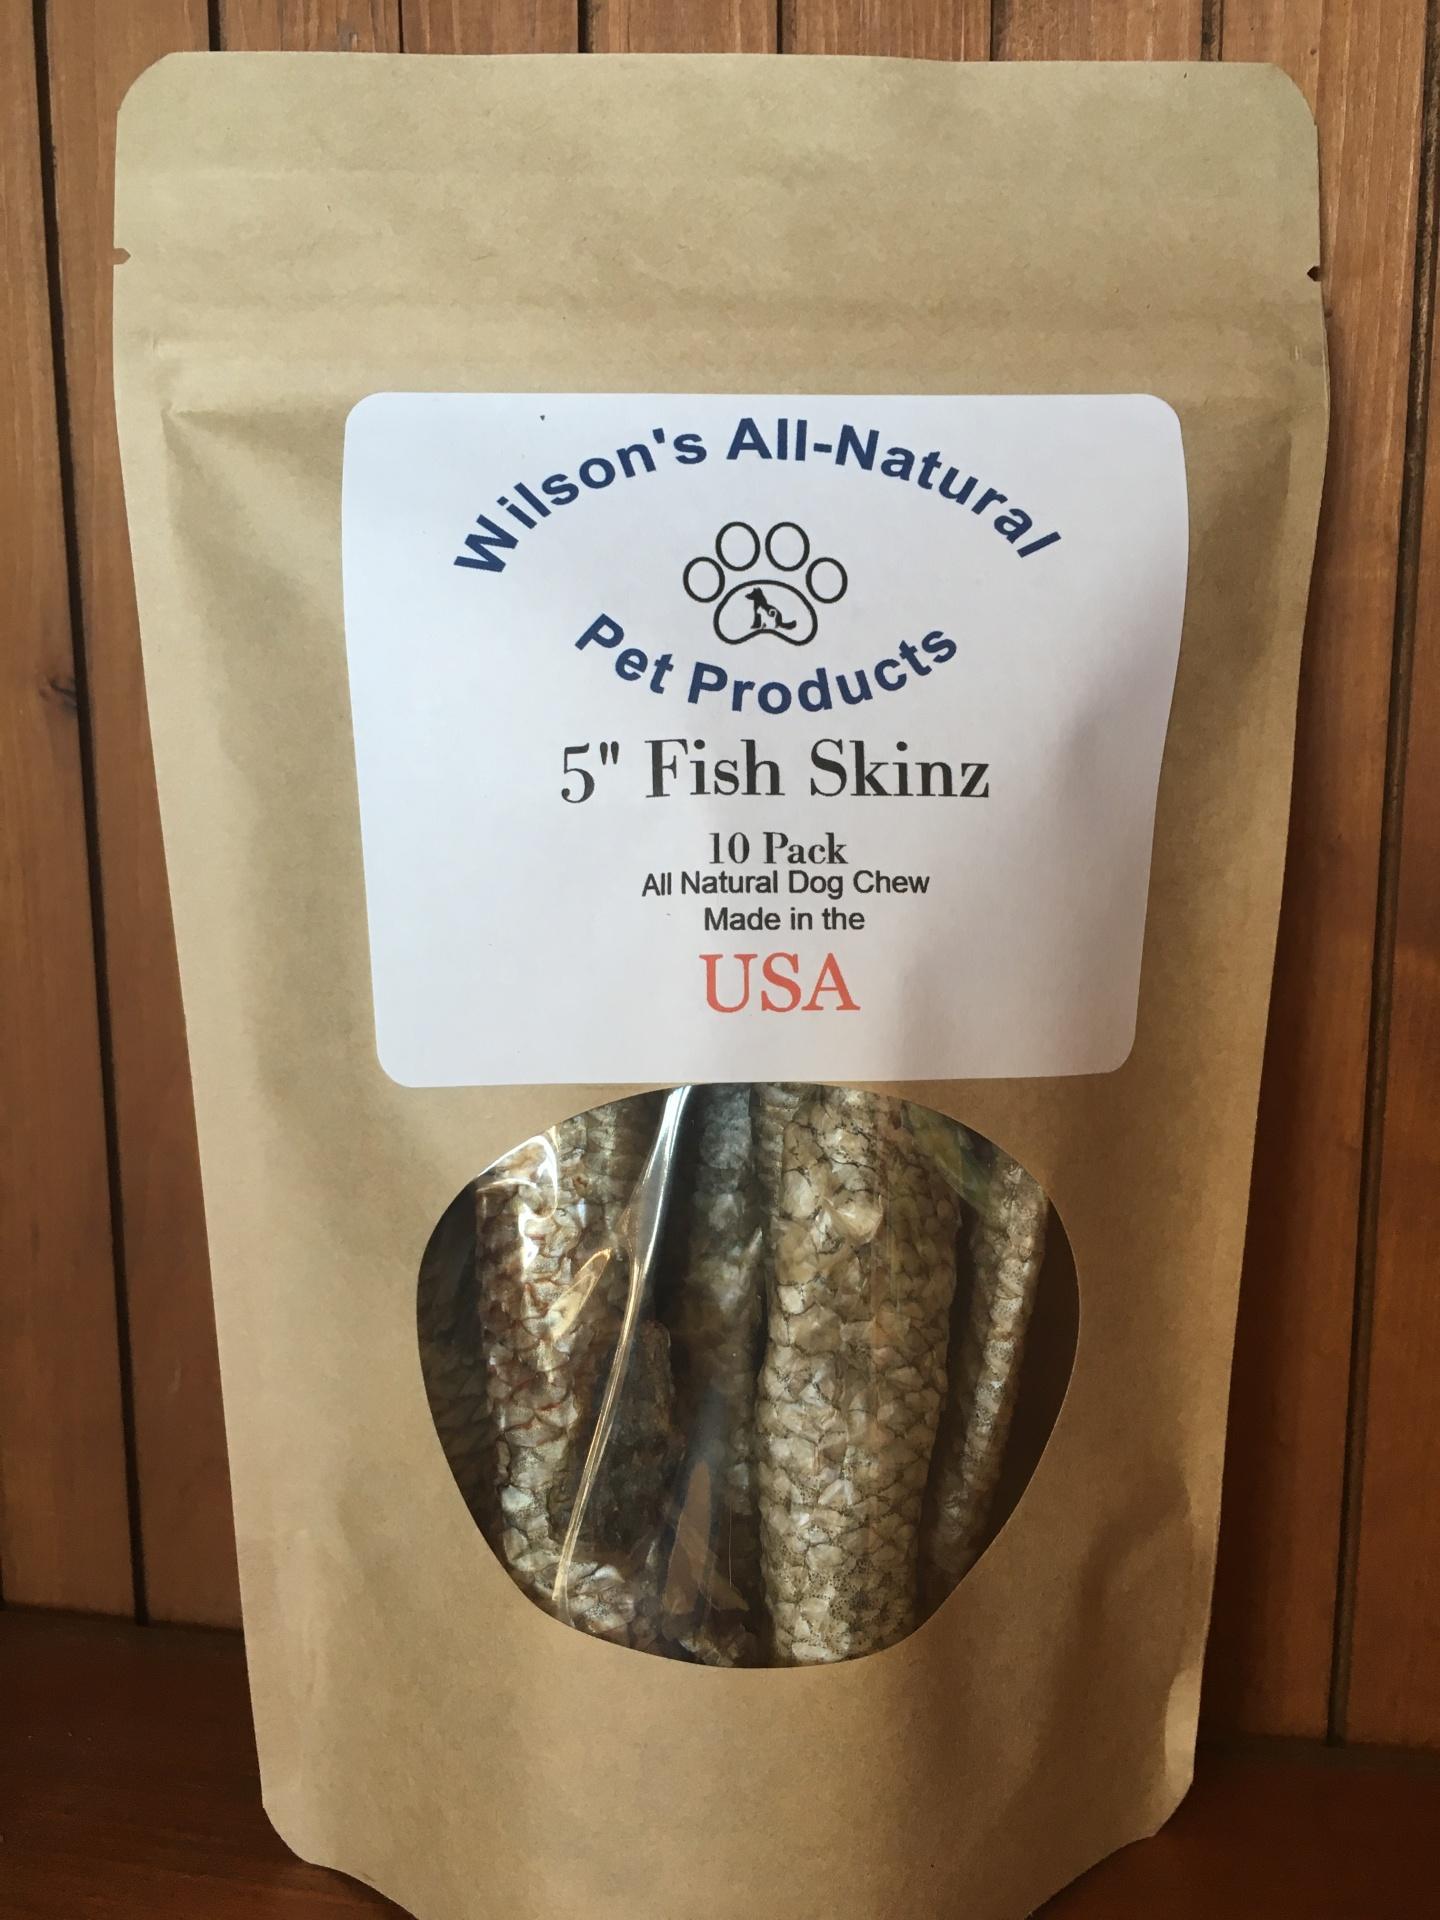 Fish Skinz